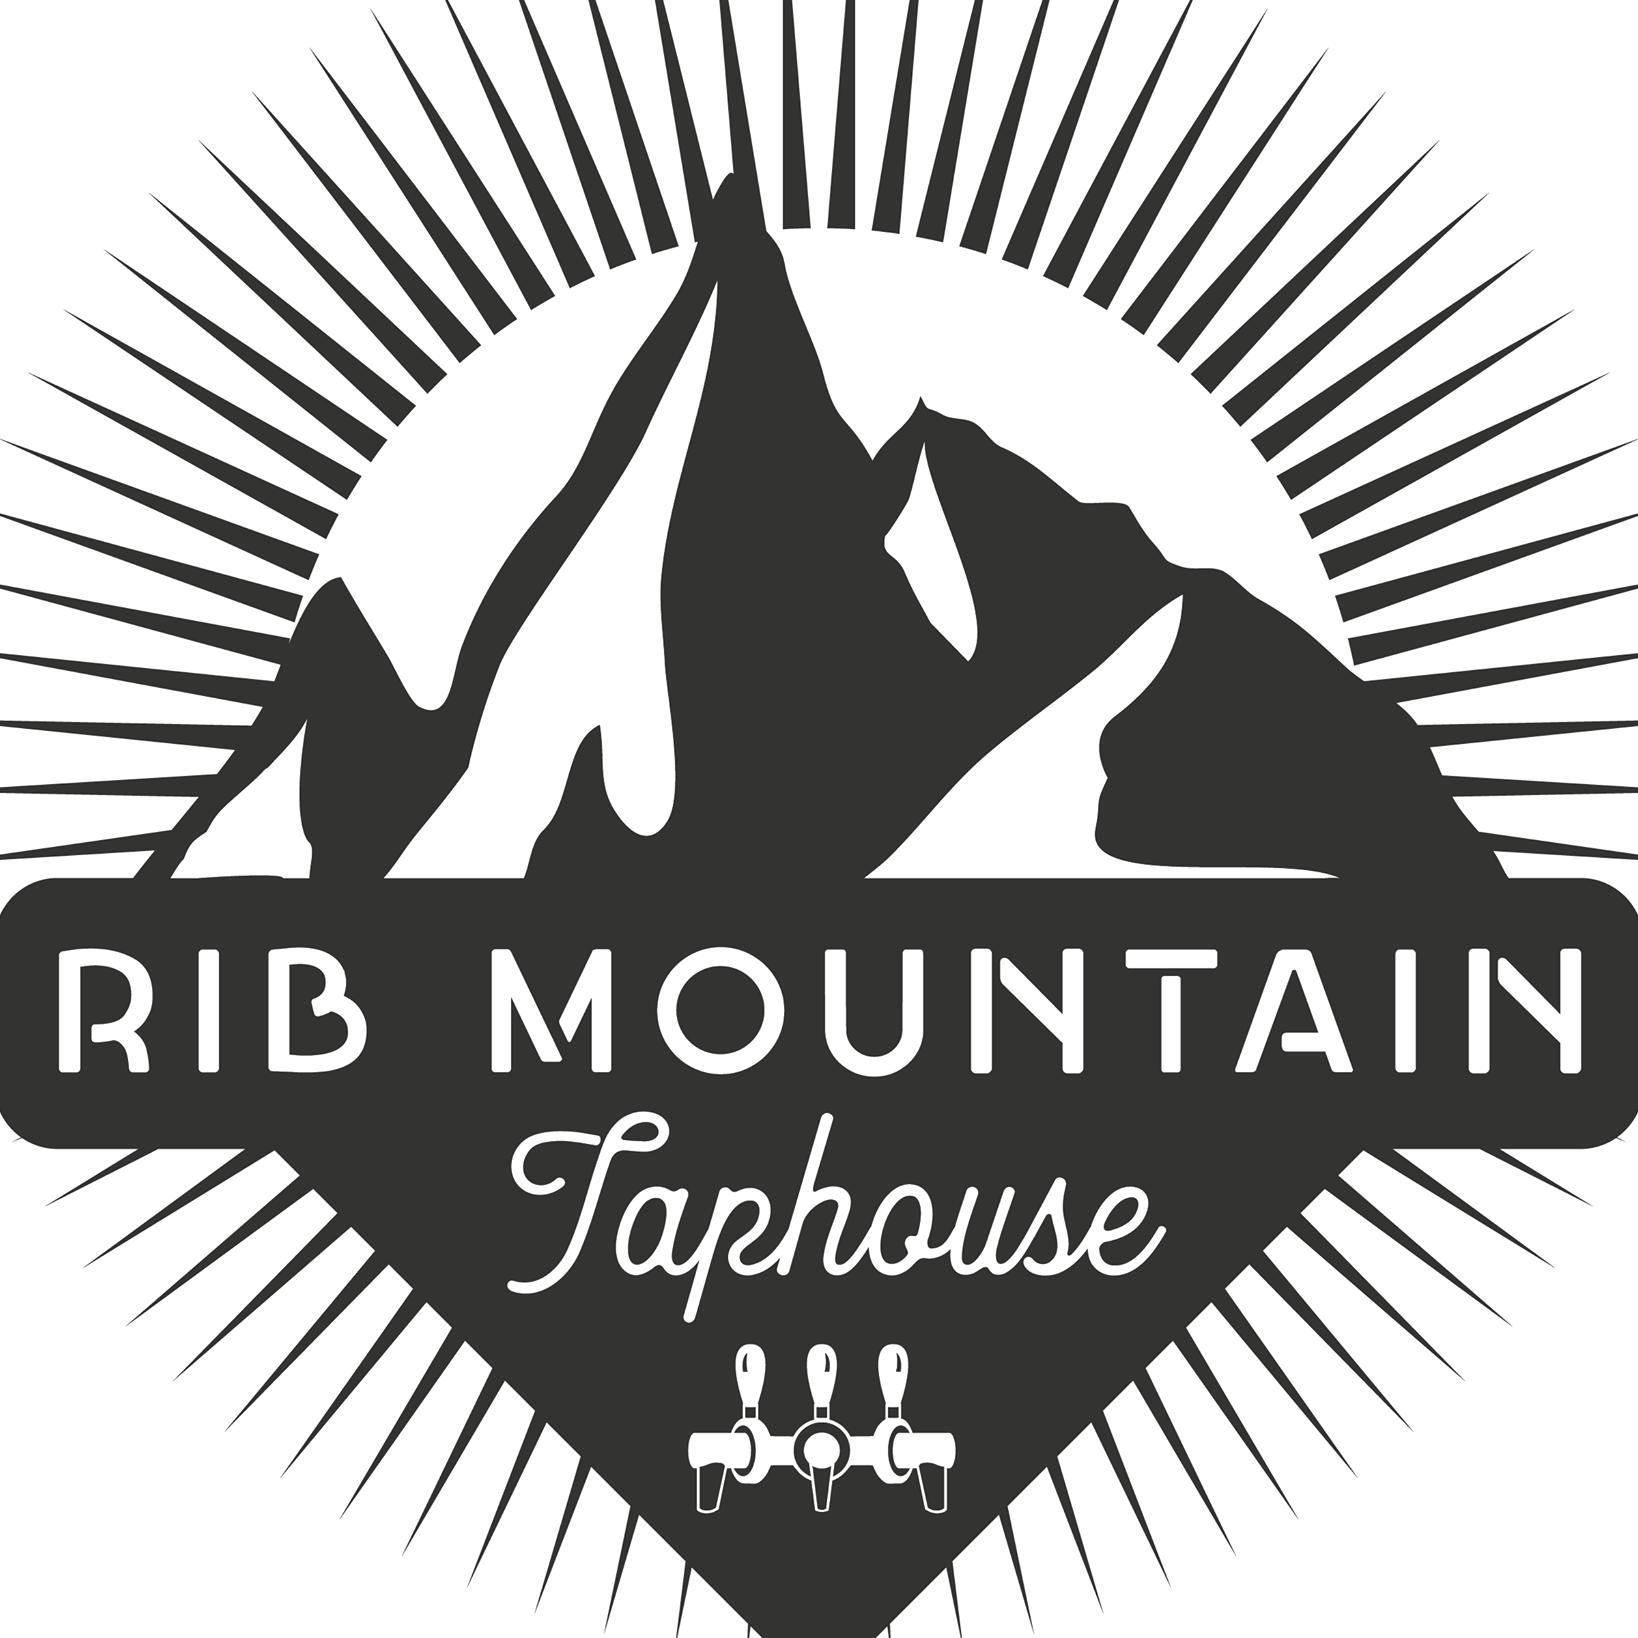 Rib Mountain Taphouse